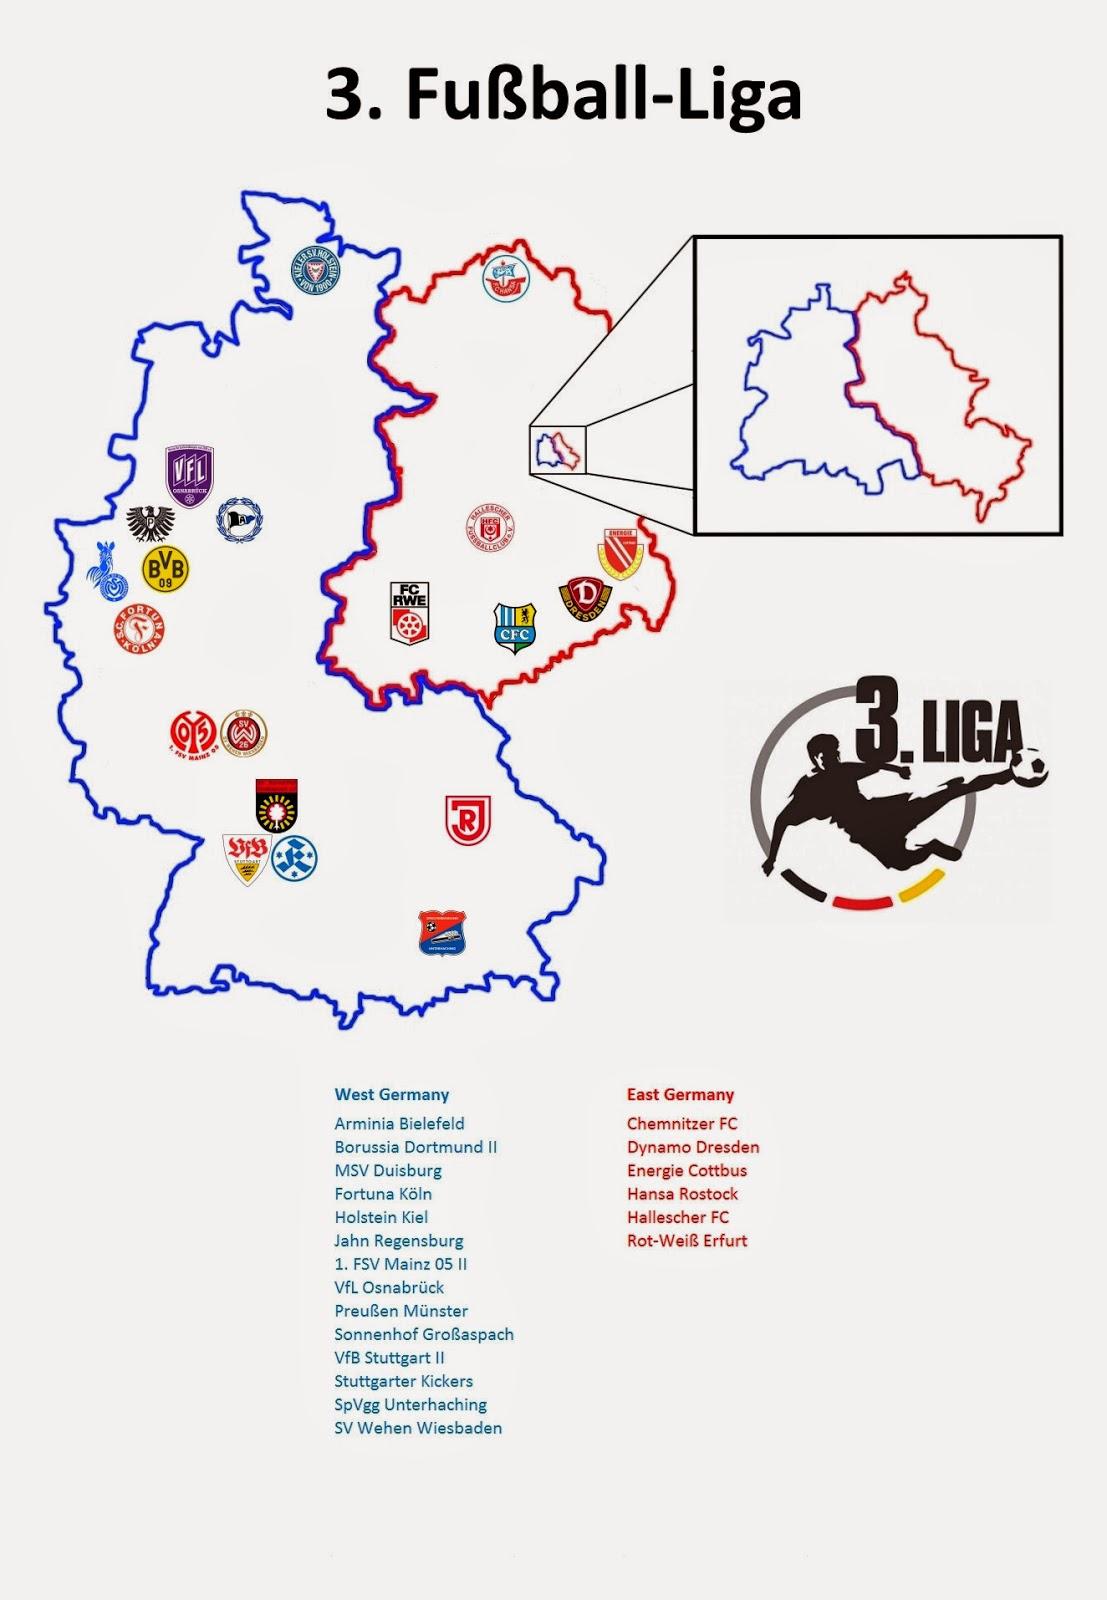 deutschland 4 liga